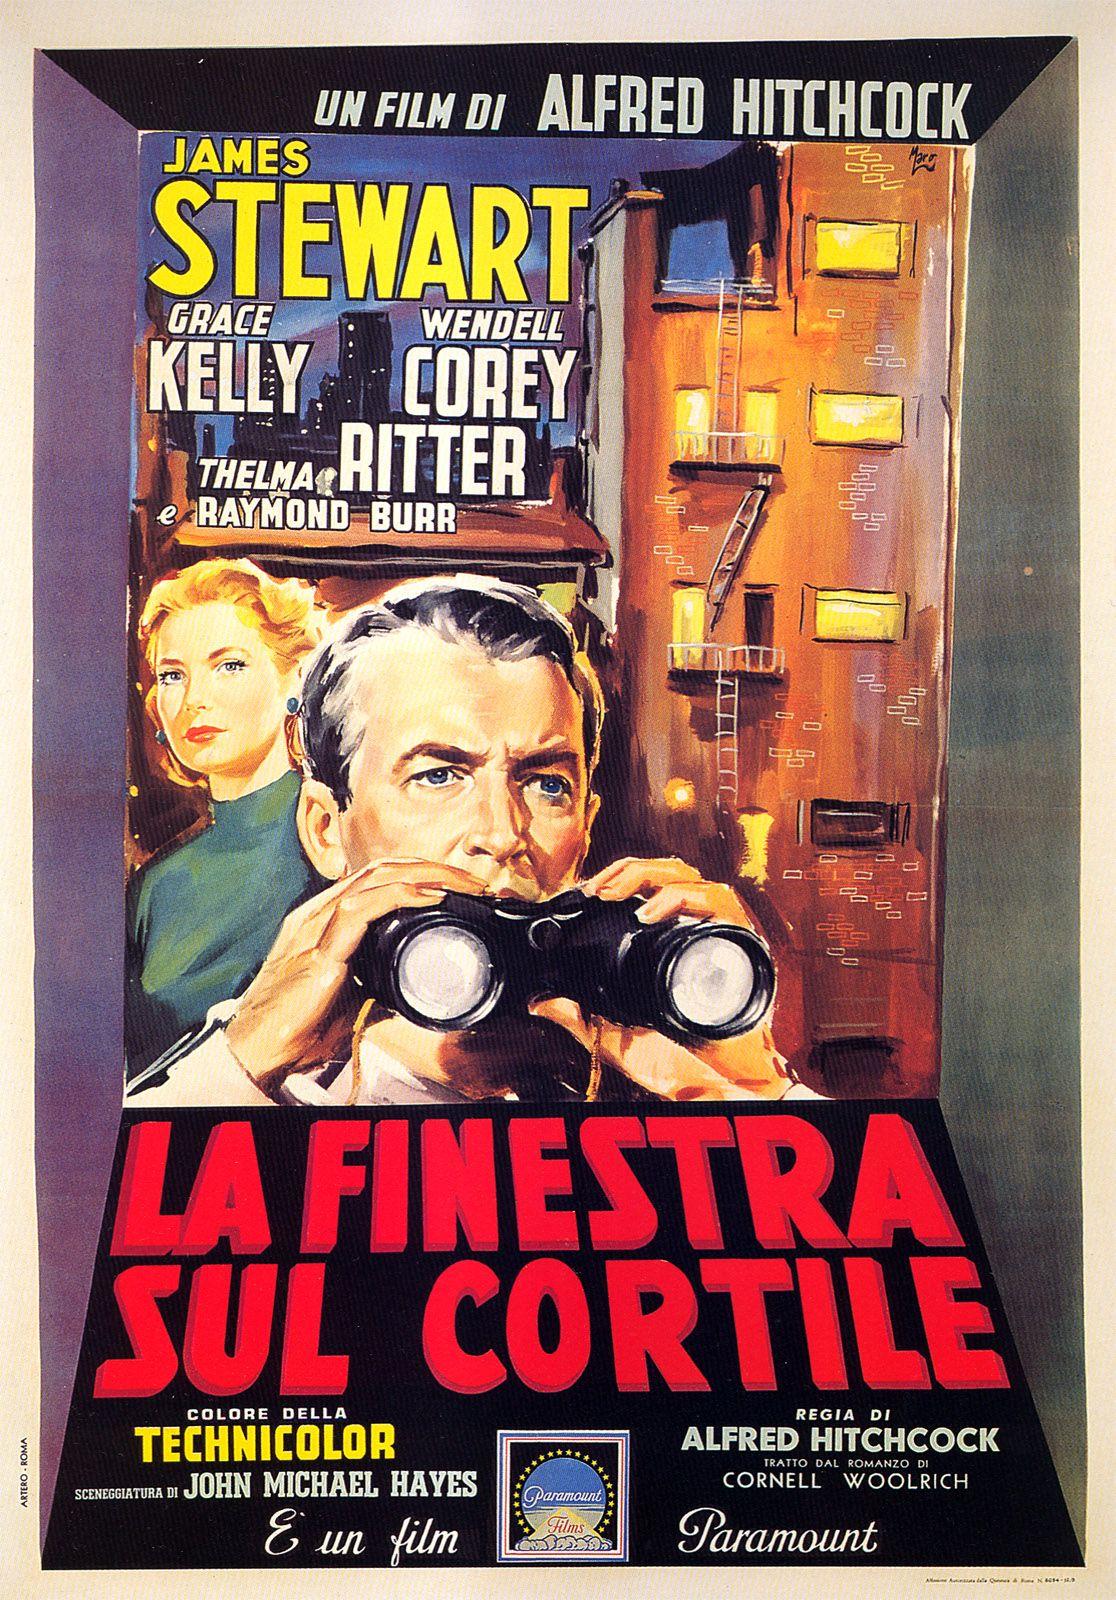 La finestra sul cortile rear window un film del 1954 diretto da alfred hitchcock - La finestra sul cortile film completo ...